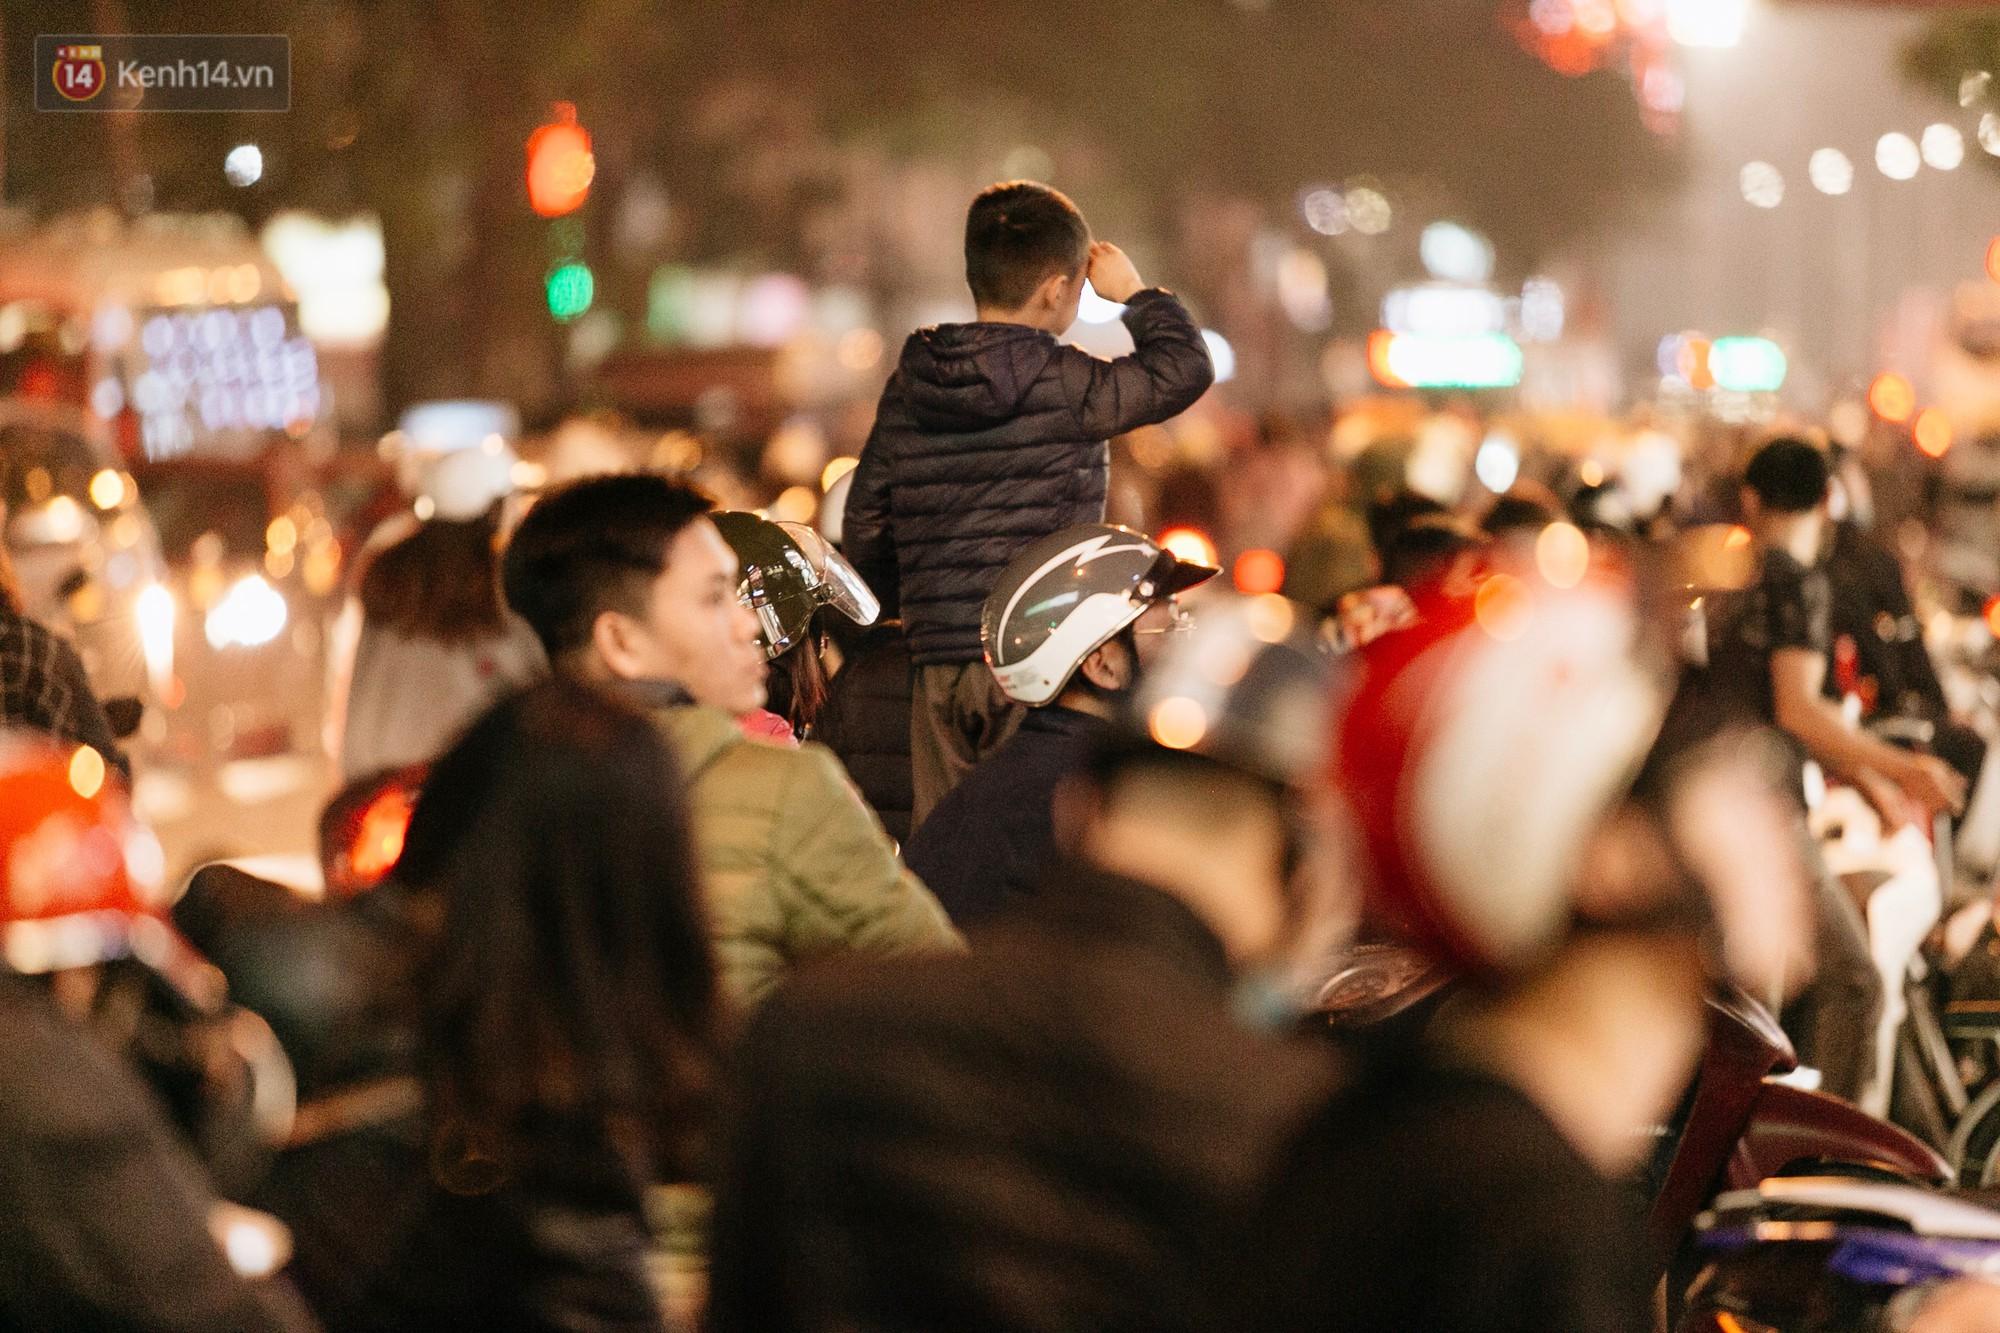 Vỉa hè Hà Nội trở thành chợ thời trang, trẻ em ngồi thùng xếp phụ bố mẹ bán hàng ngày cận Tết - Ảnh 12.